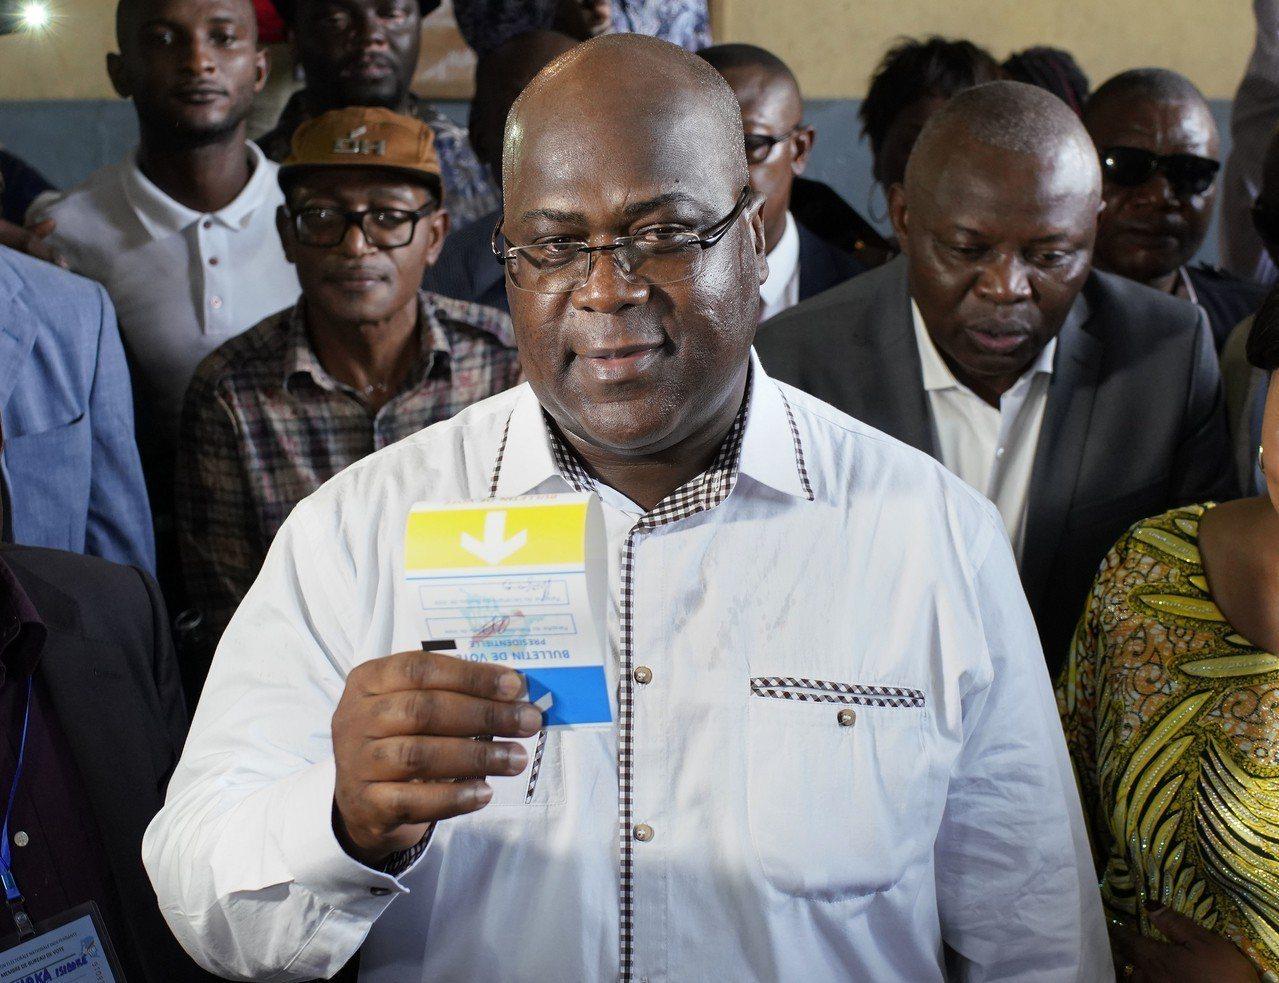 剛果反對黨候選人齊塞克迪(Felix Tshisekedi)已在總統大選中獲勝。